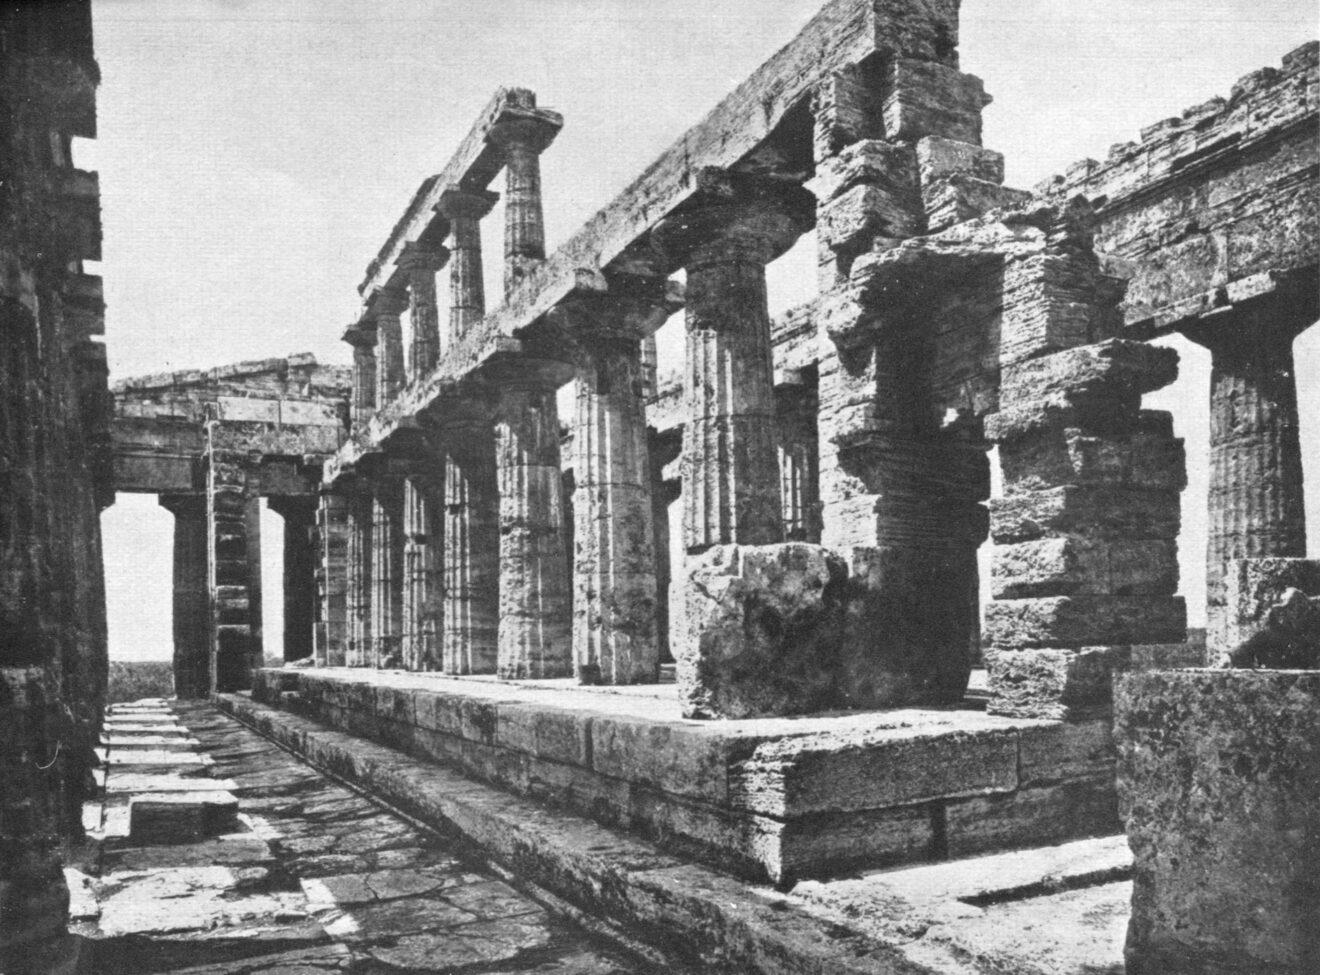 Interieur van de Poseidontempel in Paestum, foto afkomstig uit Der Dorische Tempel.